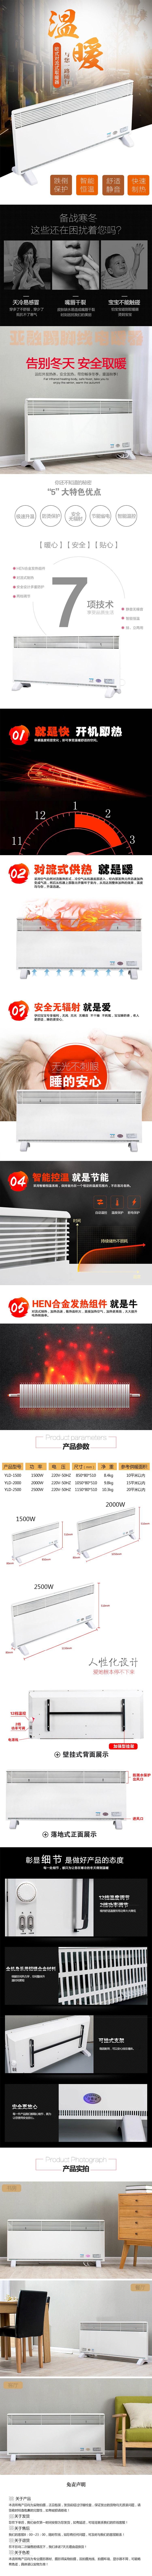 工程用电暖器